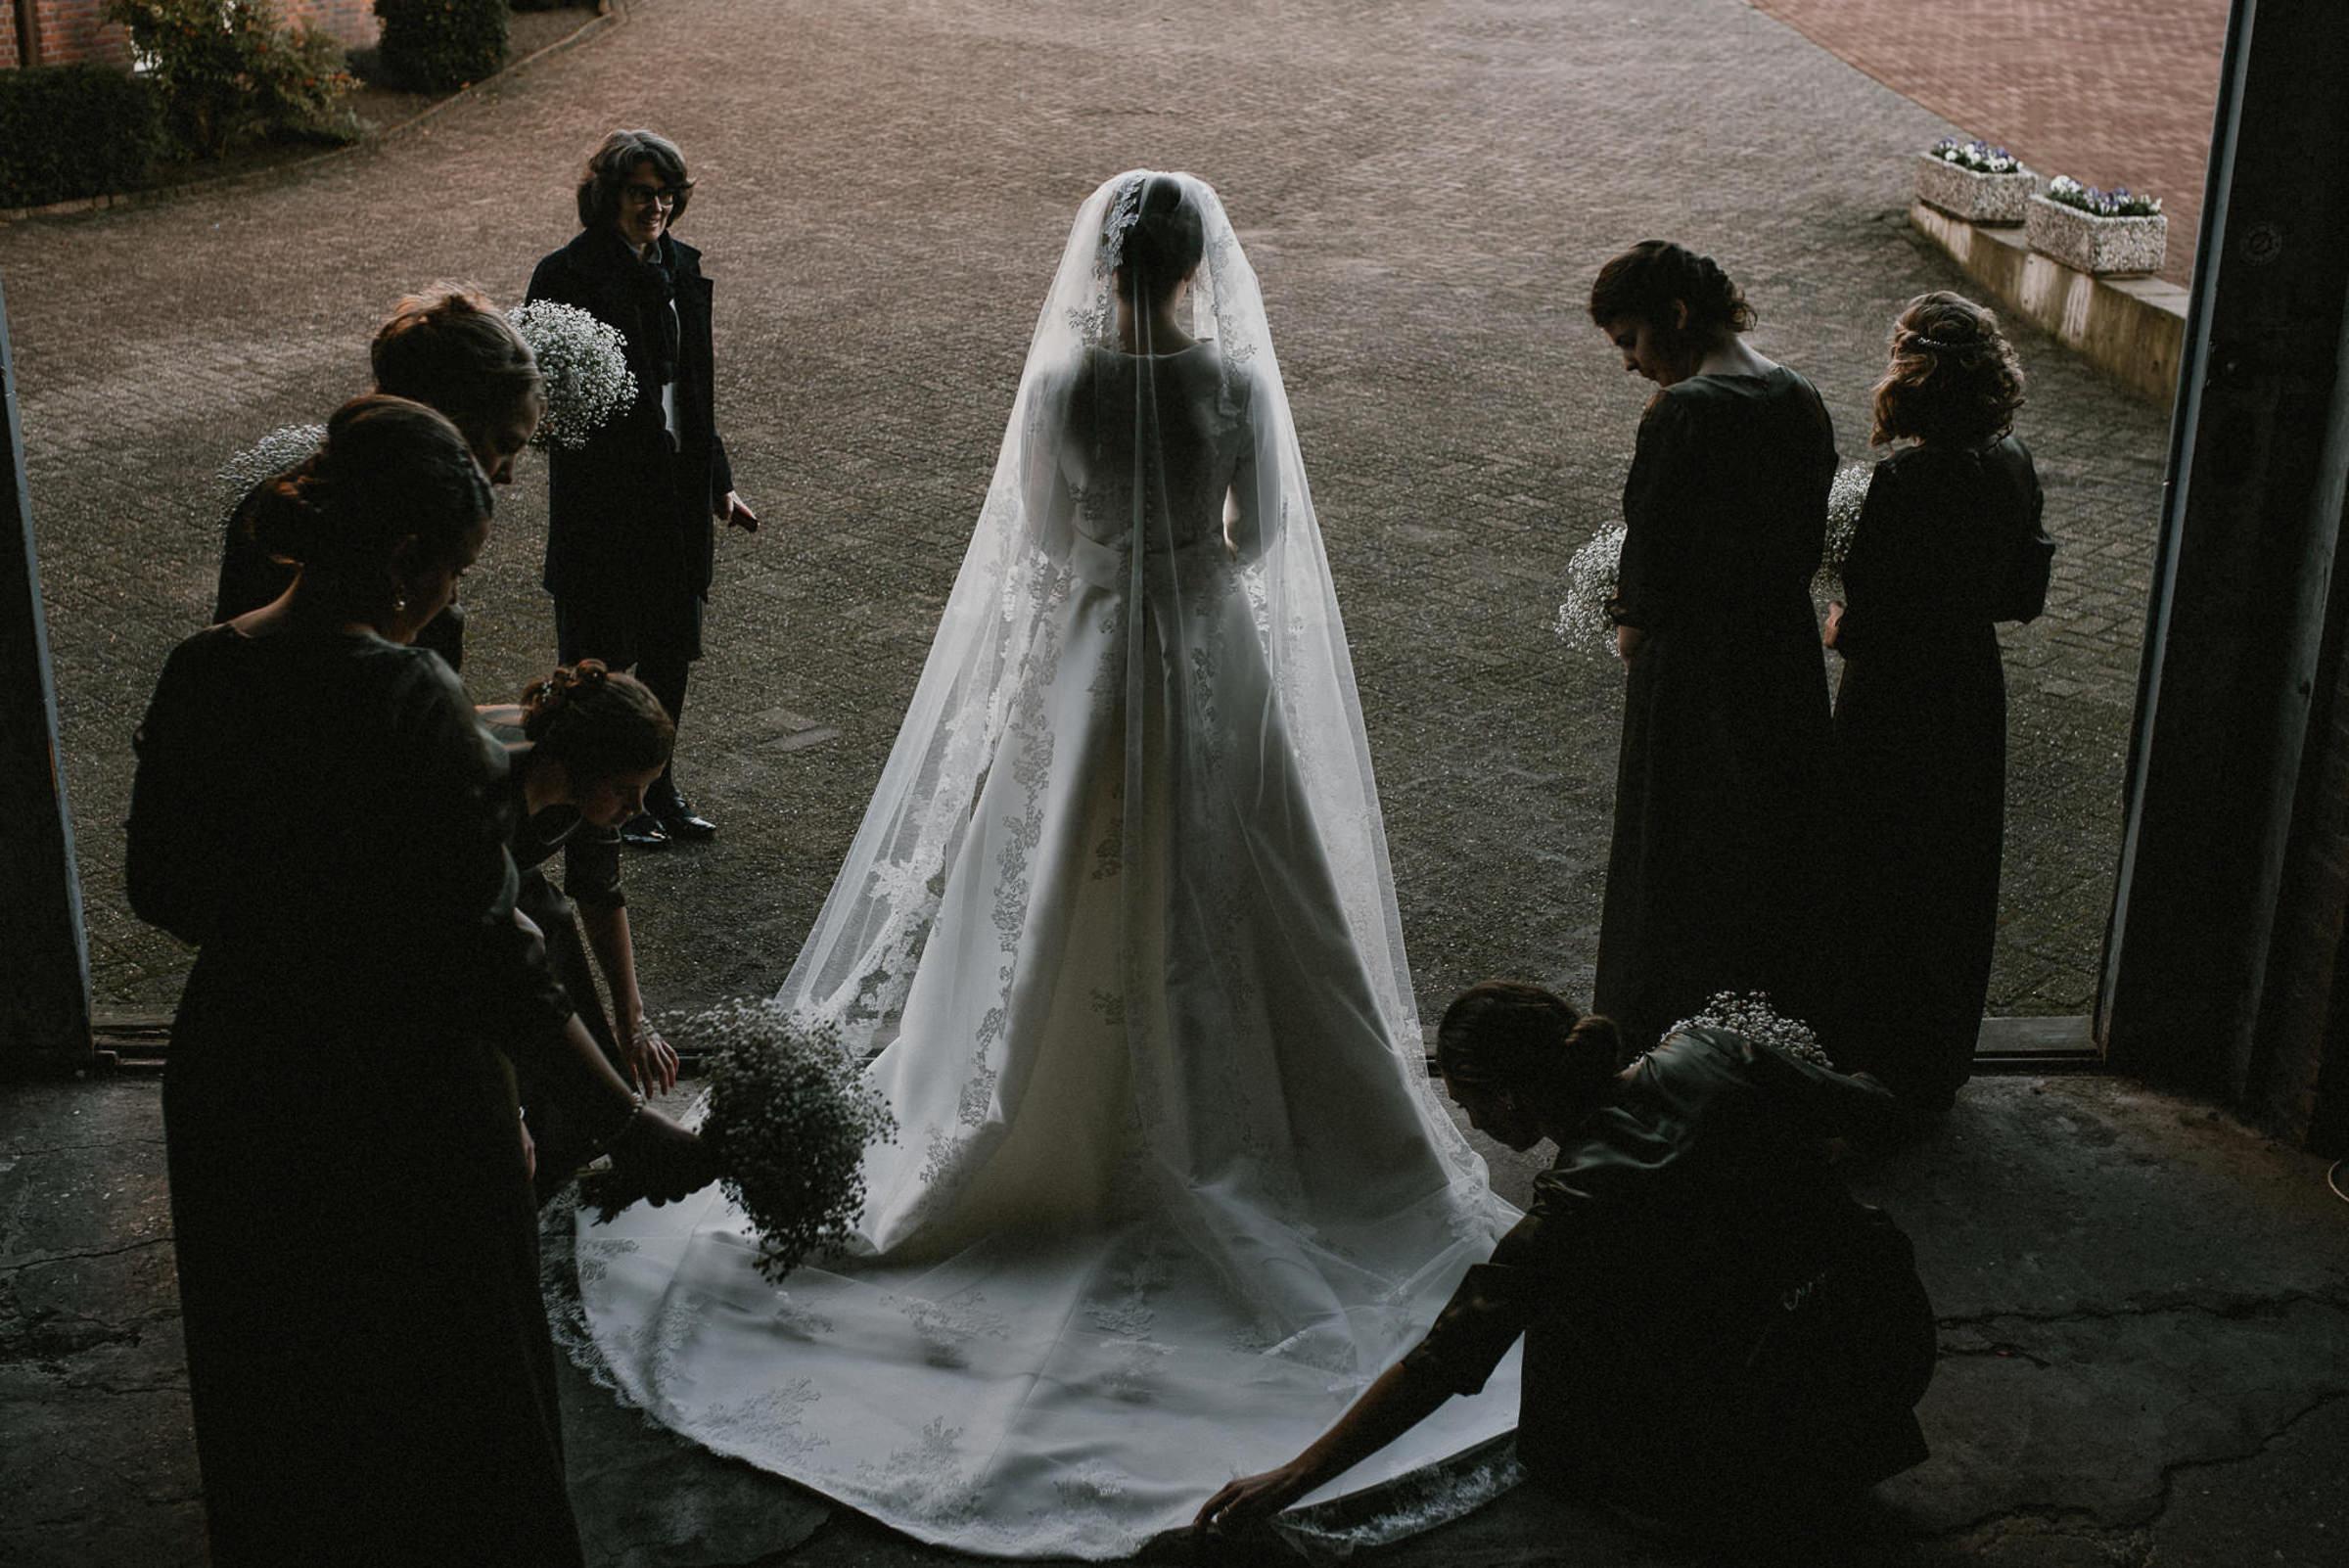 Mantilla-veiled traditional bride with bridesmaids - photo by Naomi van der Kraan